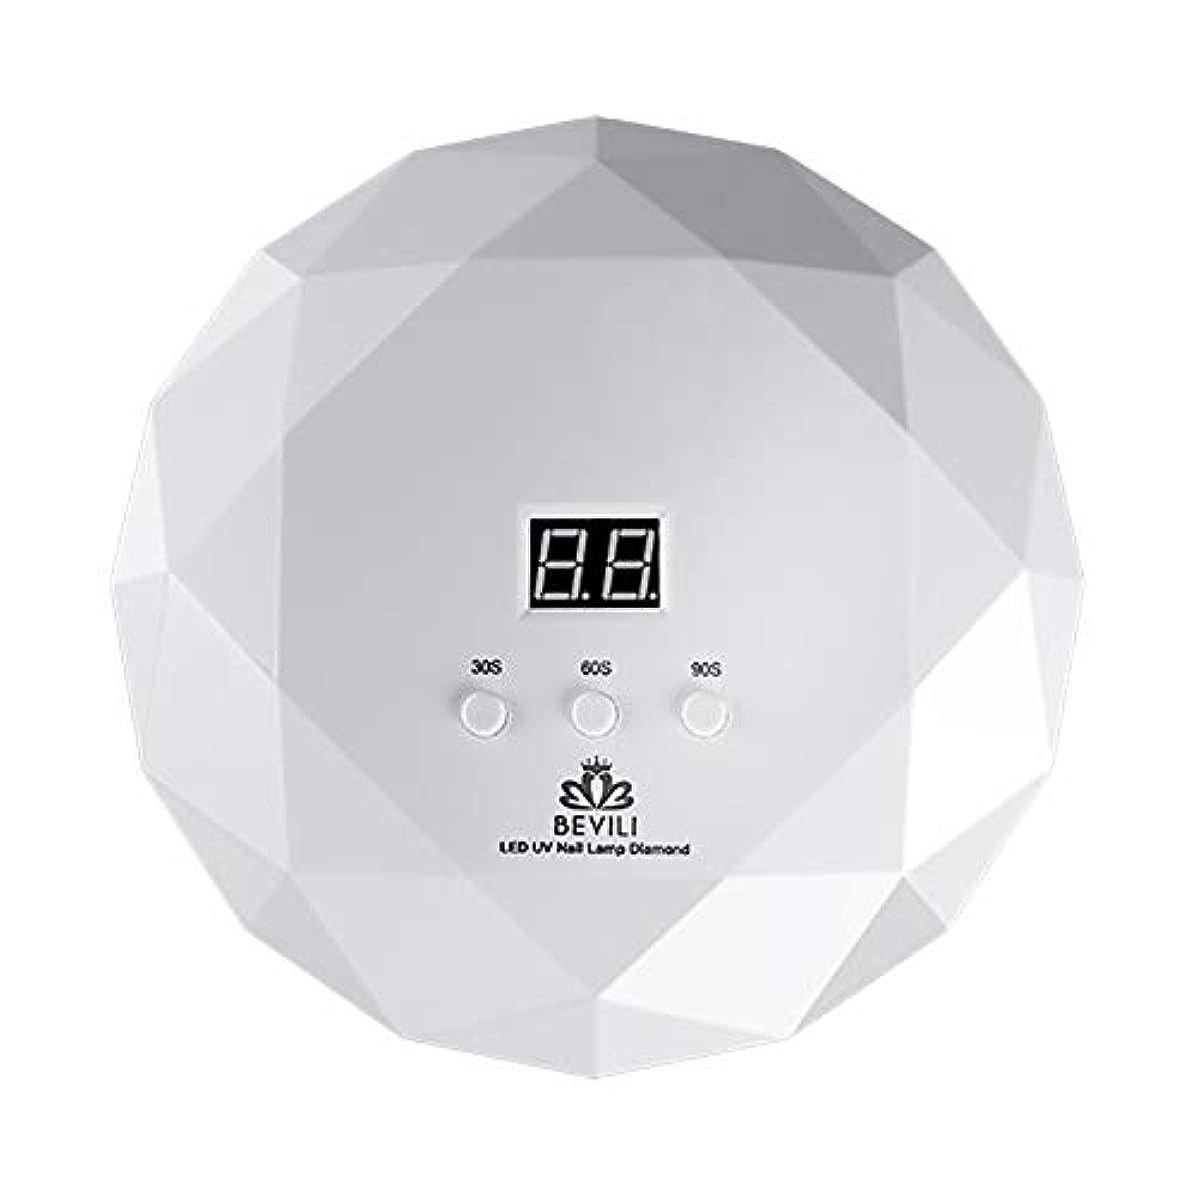 ベアリング誰引き出すLITI LEDネイルドライヤー UVネイルライト 36Wハイパワー 自動センサー 3段階タイマー設定 高速硬化ジェルネイルライト UVとLEDダブルライト肌をケア ジェルネイル用 ホワイト